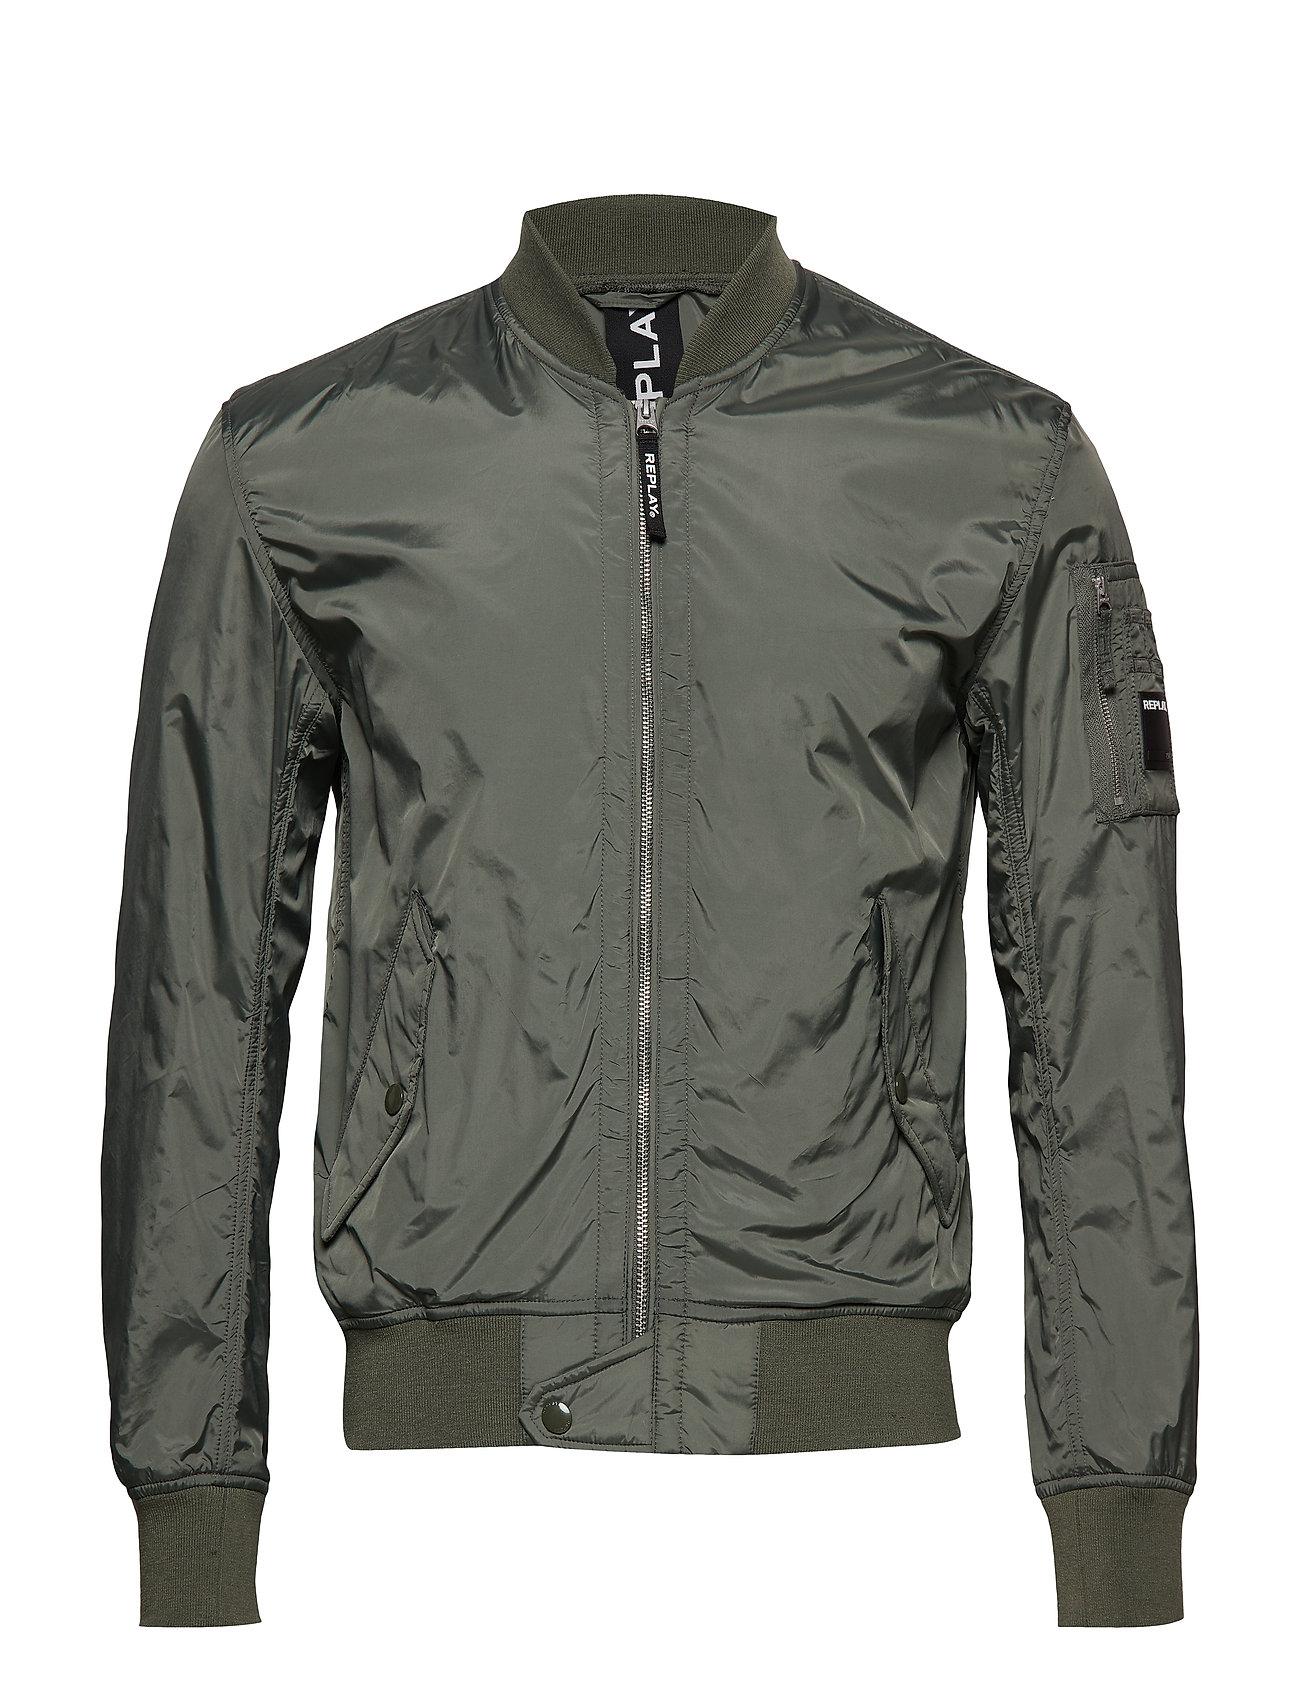 Replay Jacket - SAGE GREEN